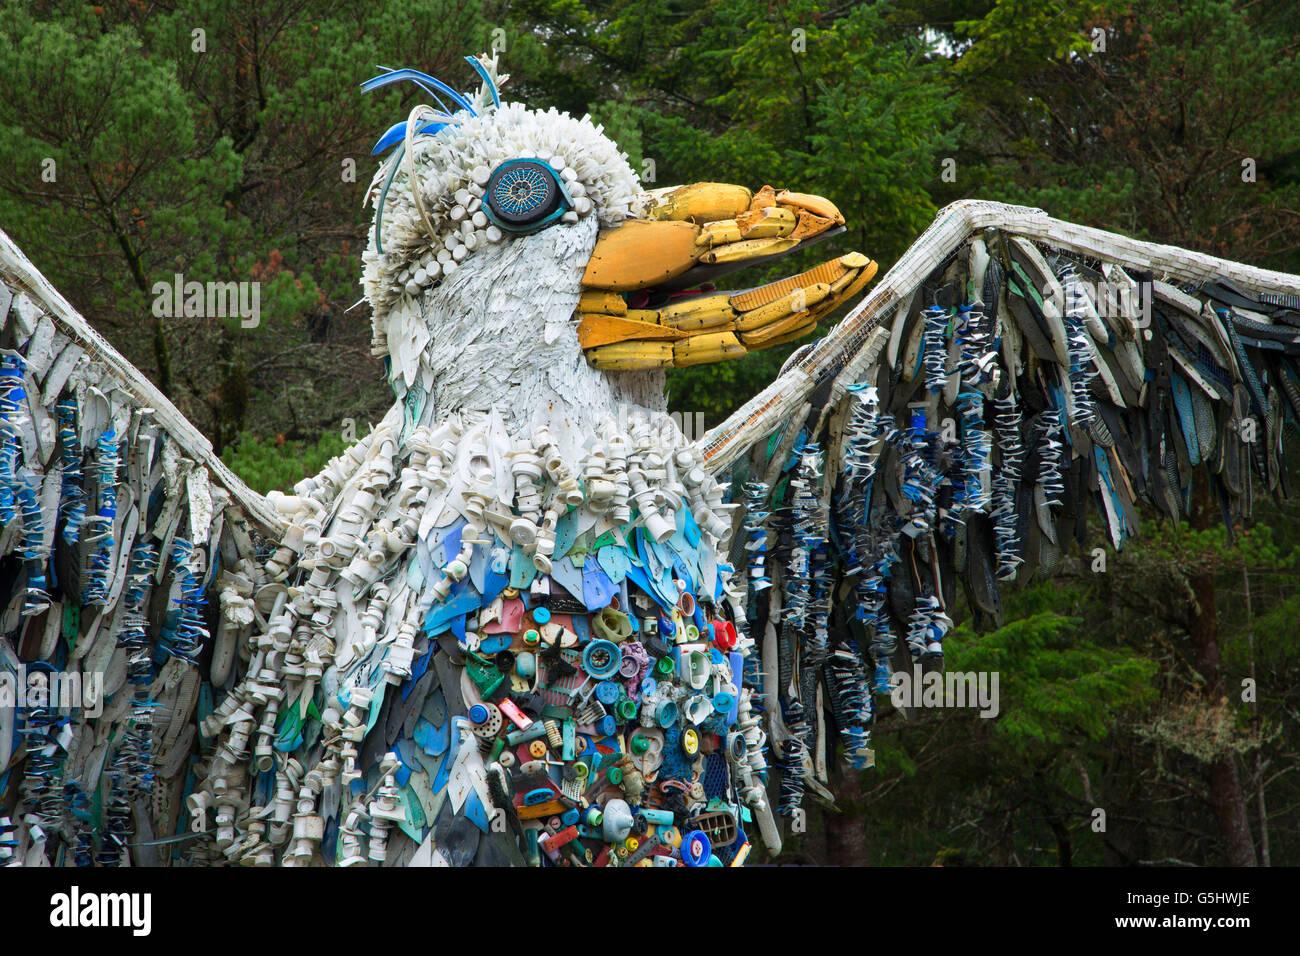 Sculpture Trash Stock Photos Amp Sculpture Trash Stock